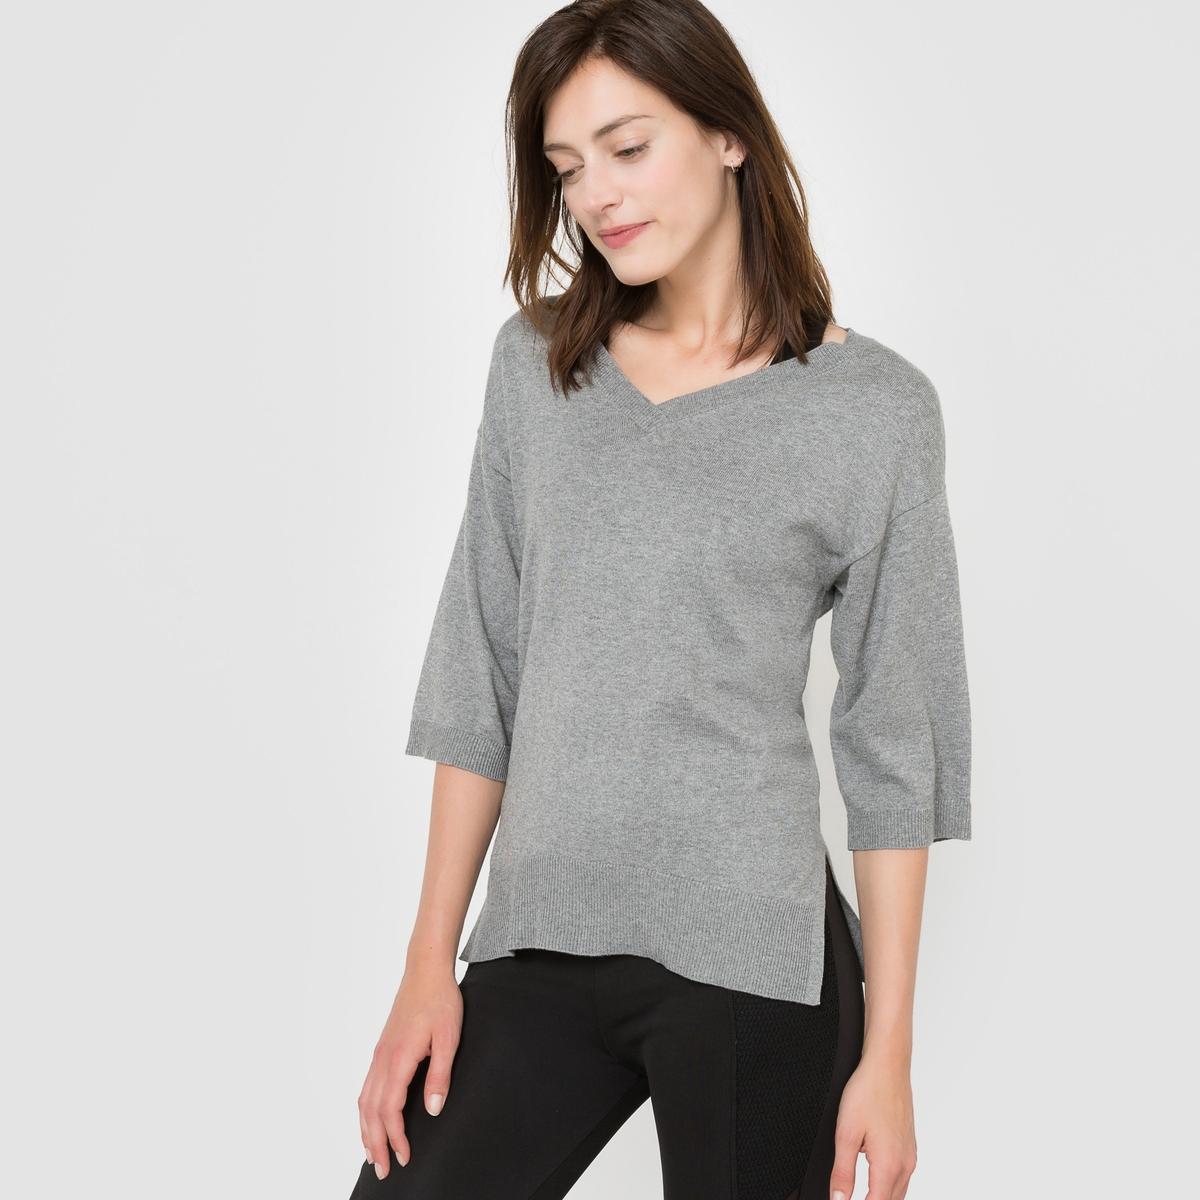 Пуловер с V-образным вырезом из хлопка/кашемираСостав и описаниеМатериал: 95% хлопка, 5% кашемира.Длина: 67 см.Марка:R essentiel.  УходМашинная стирка при 30° с одеждой подобных цветов.Стирать и гладить с изнанки.<br><br>Цвет: серый меланж